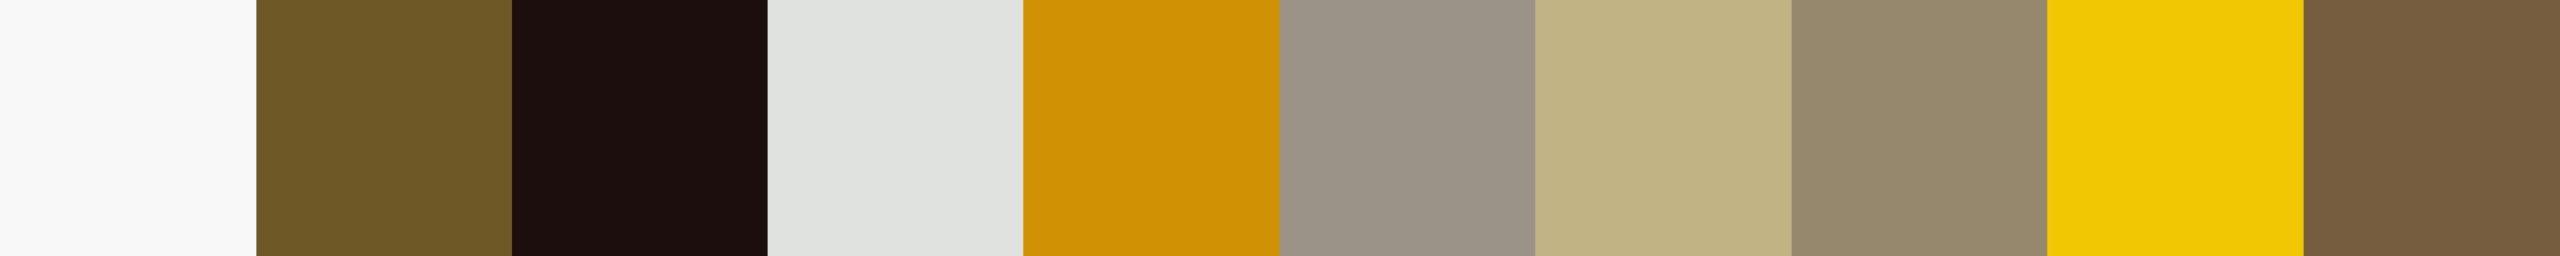 1 Basadia Color Palette